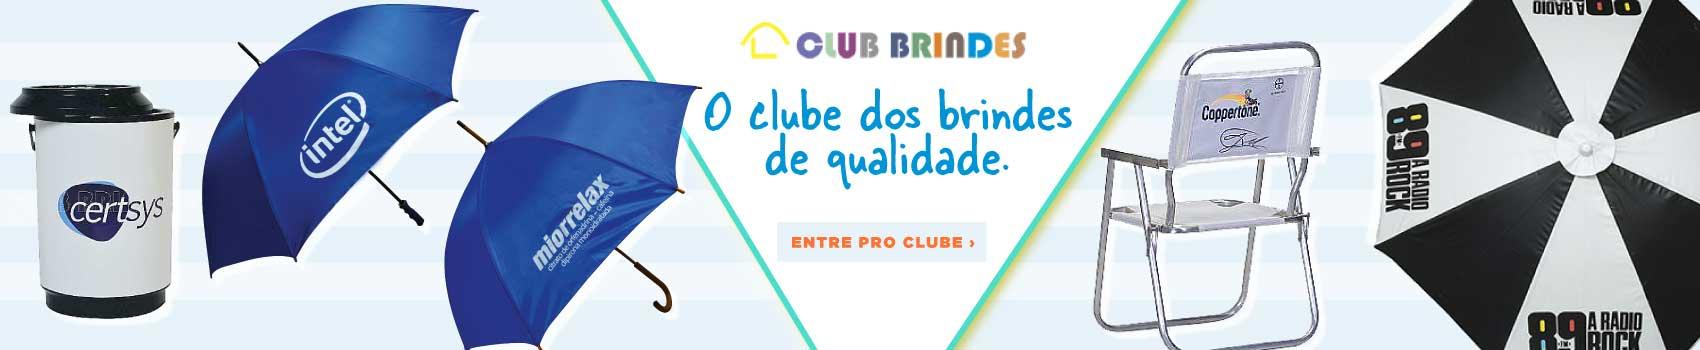 Club Brindes